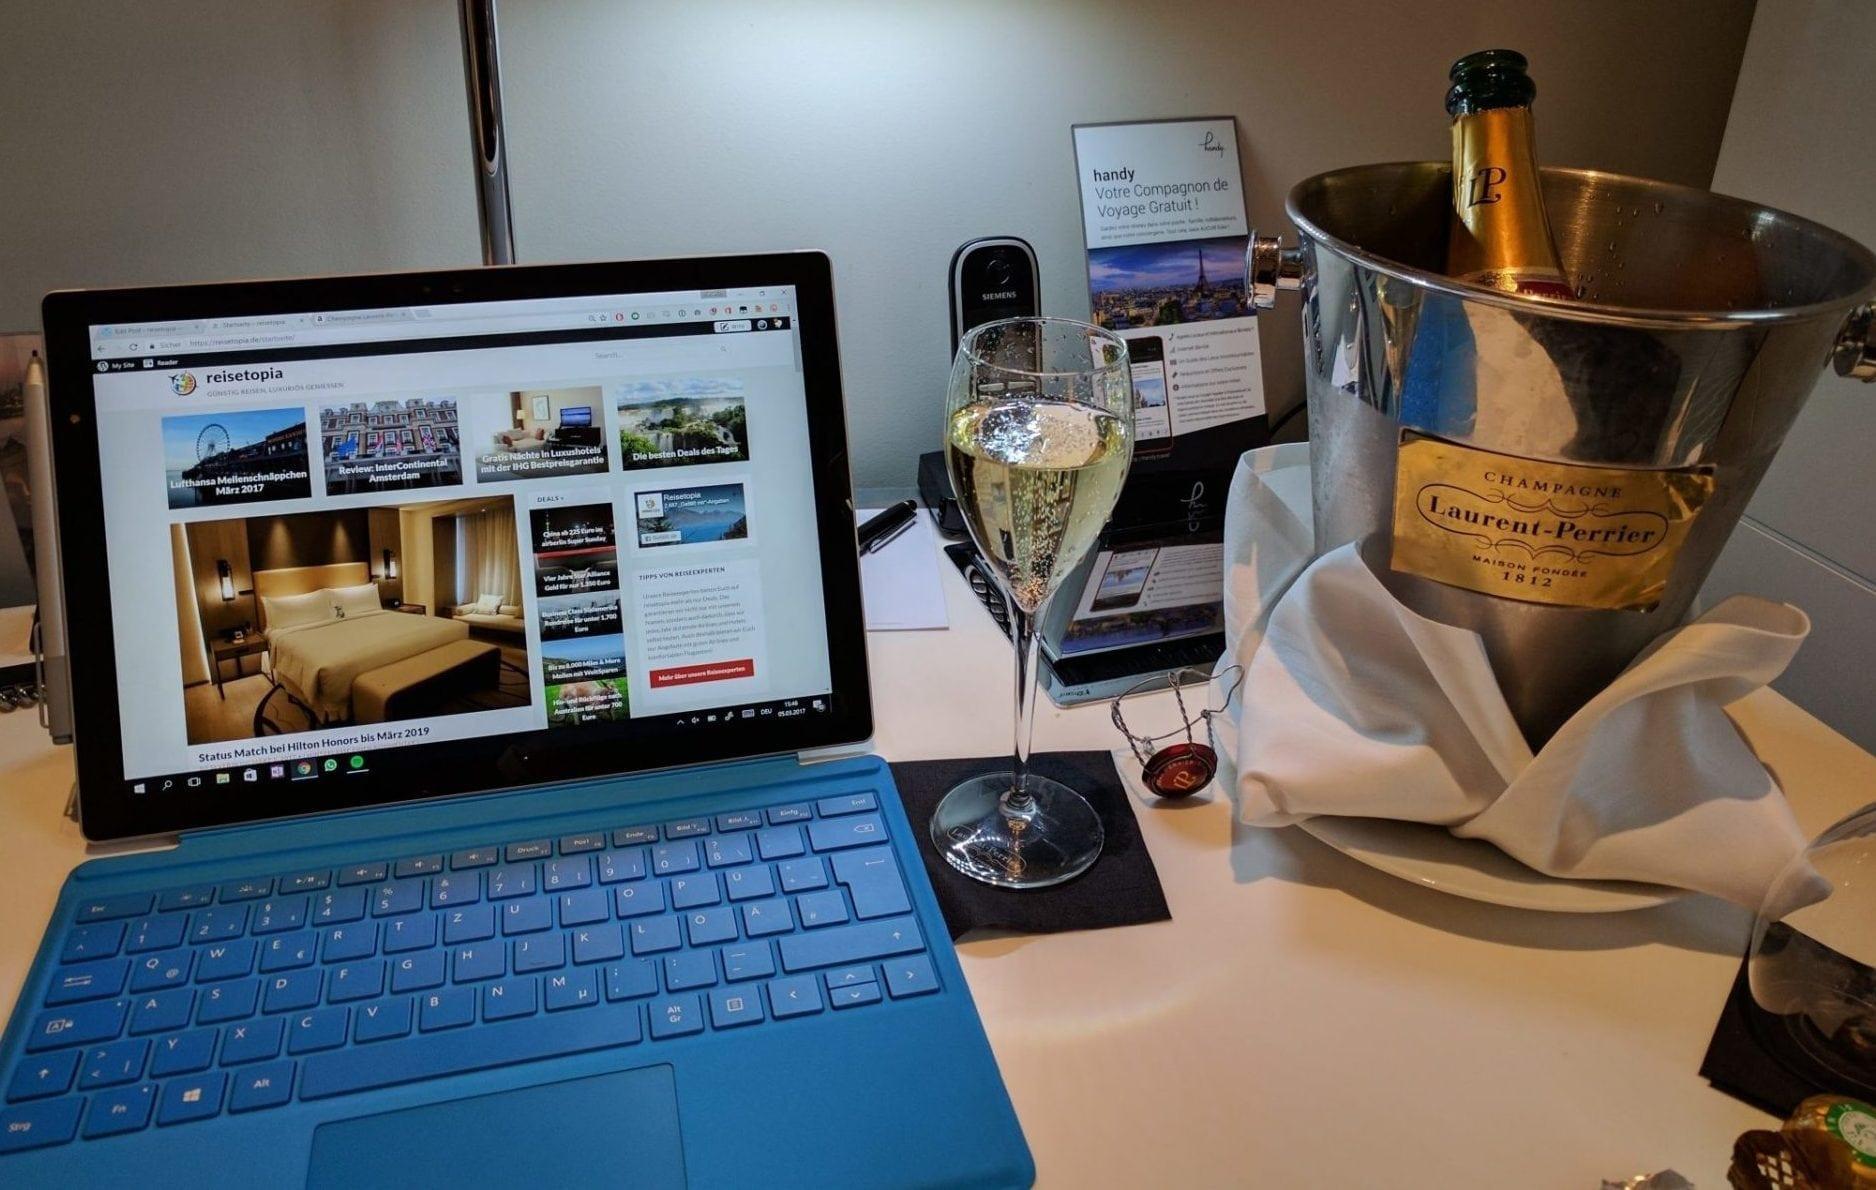 InterContinental Paris Avenue Marceau Laptop Champagner